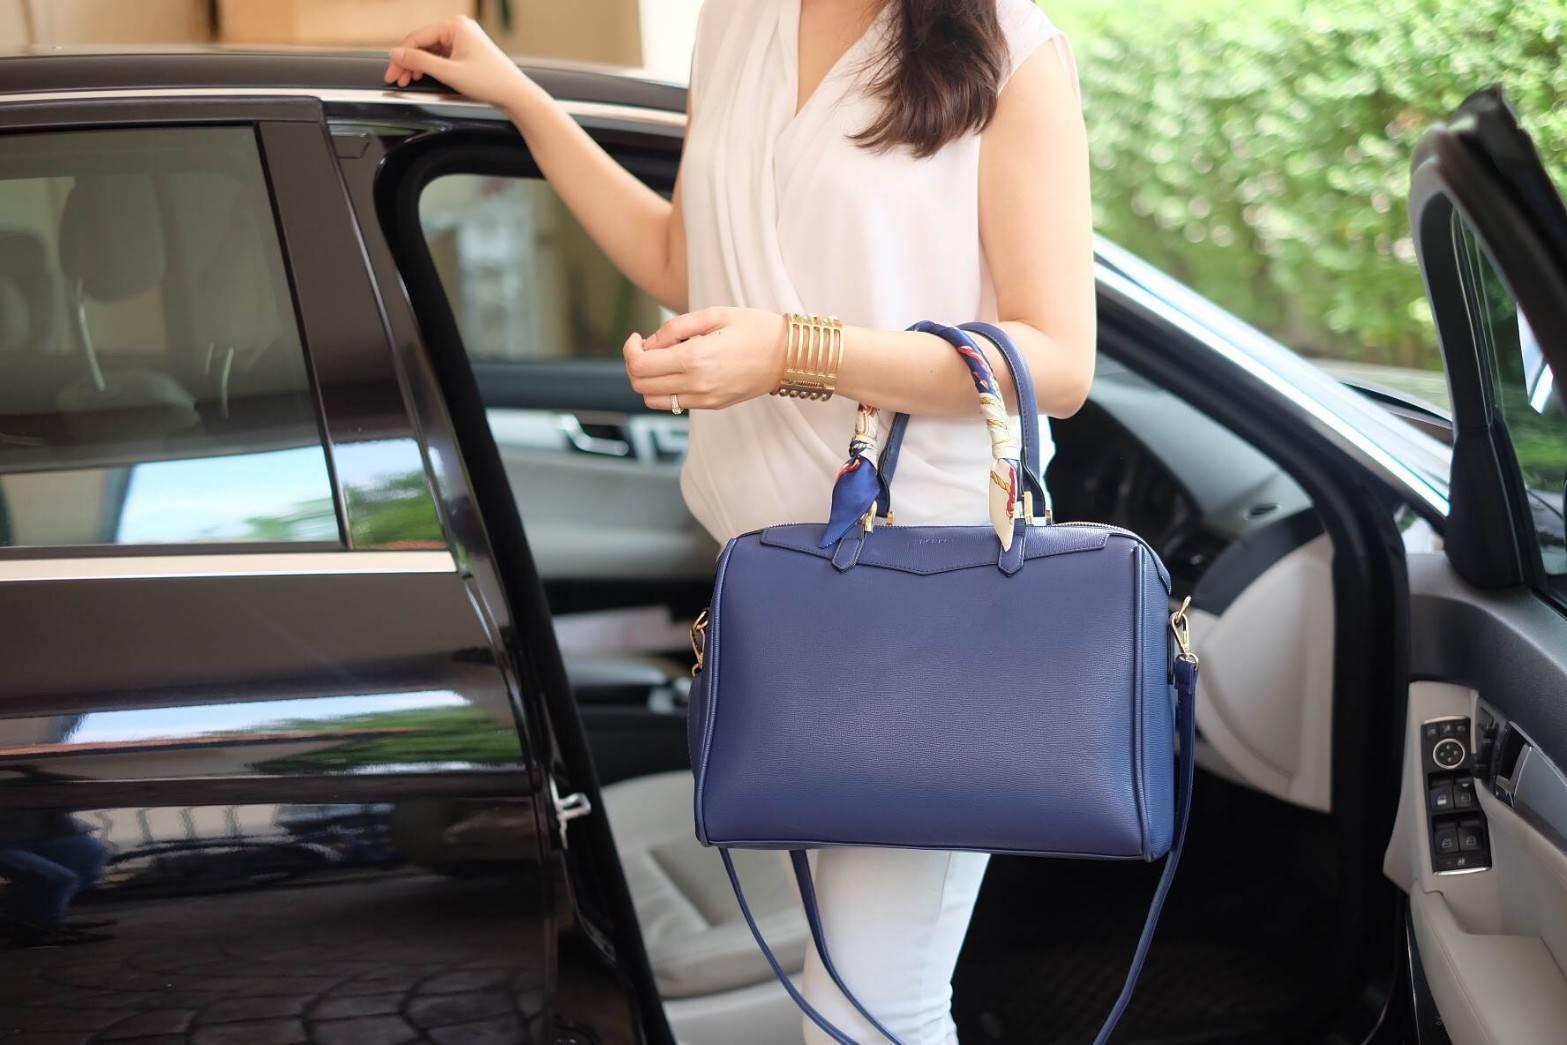 กระเป่า Berke Bowling Bag สีน้ำเงิน ราคา 1,490 บาท Free Ems